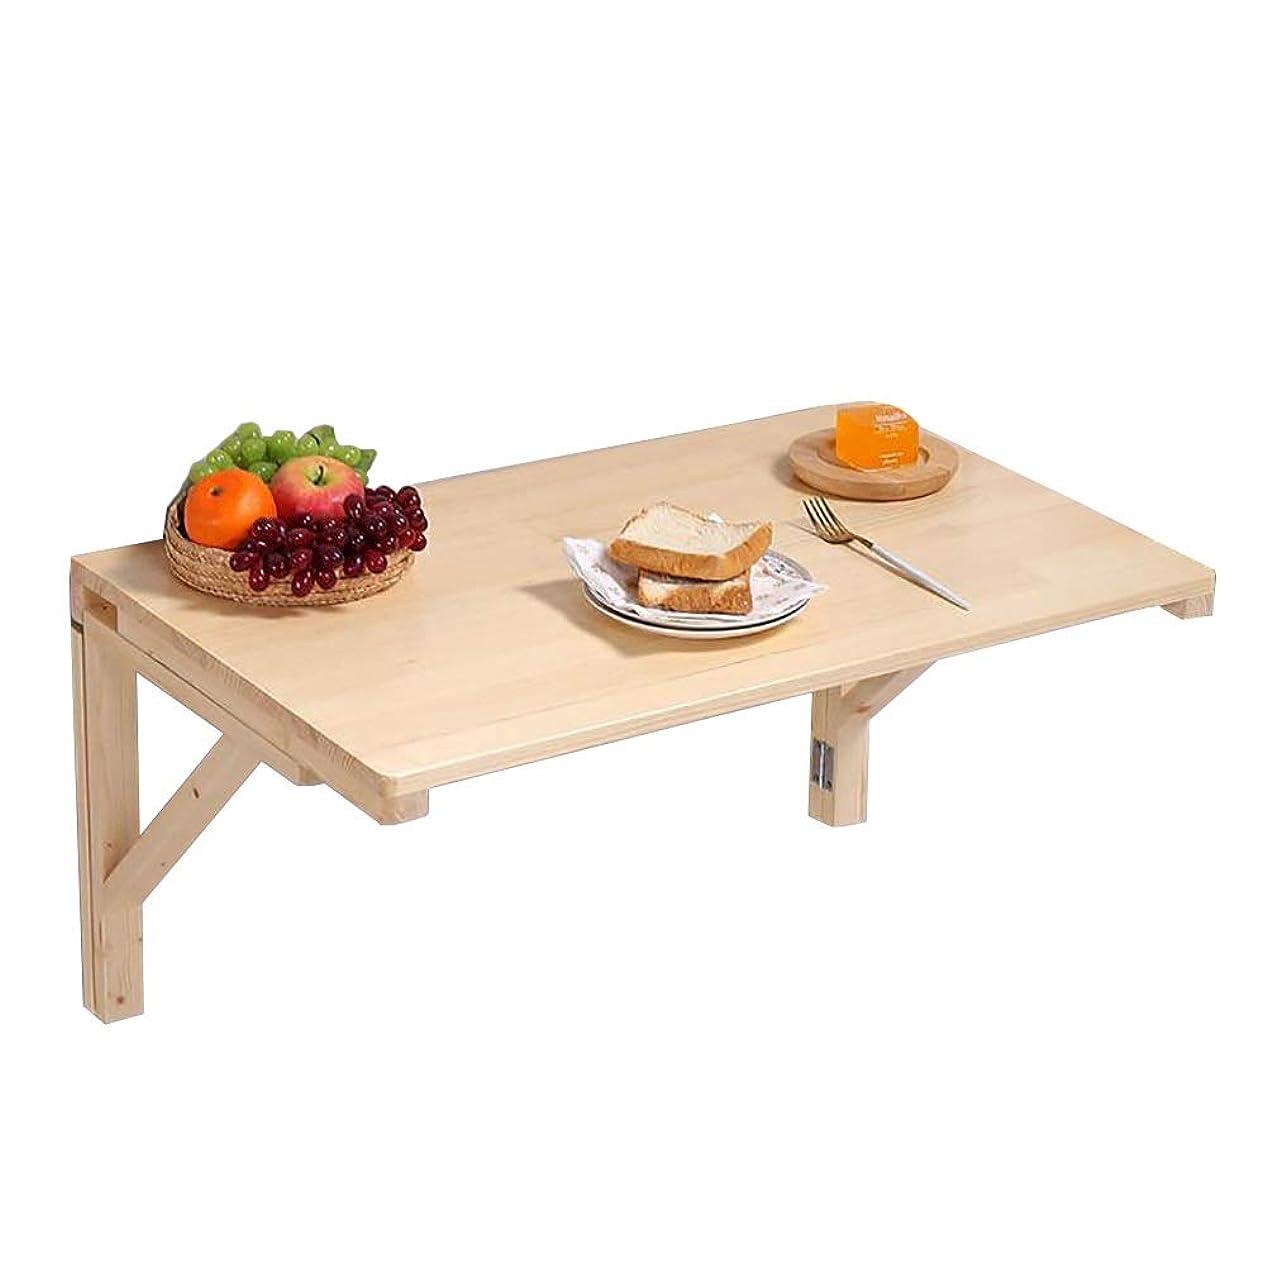 全体捧げるトライアスリート壁掛けテーブル キッチン&ダイニングルームテーブル、壁掛け式ドロップリーフ折りたたみテーブル、木製省スペース吊りテーブル (Size : 70×50cm)